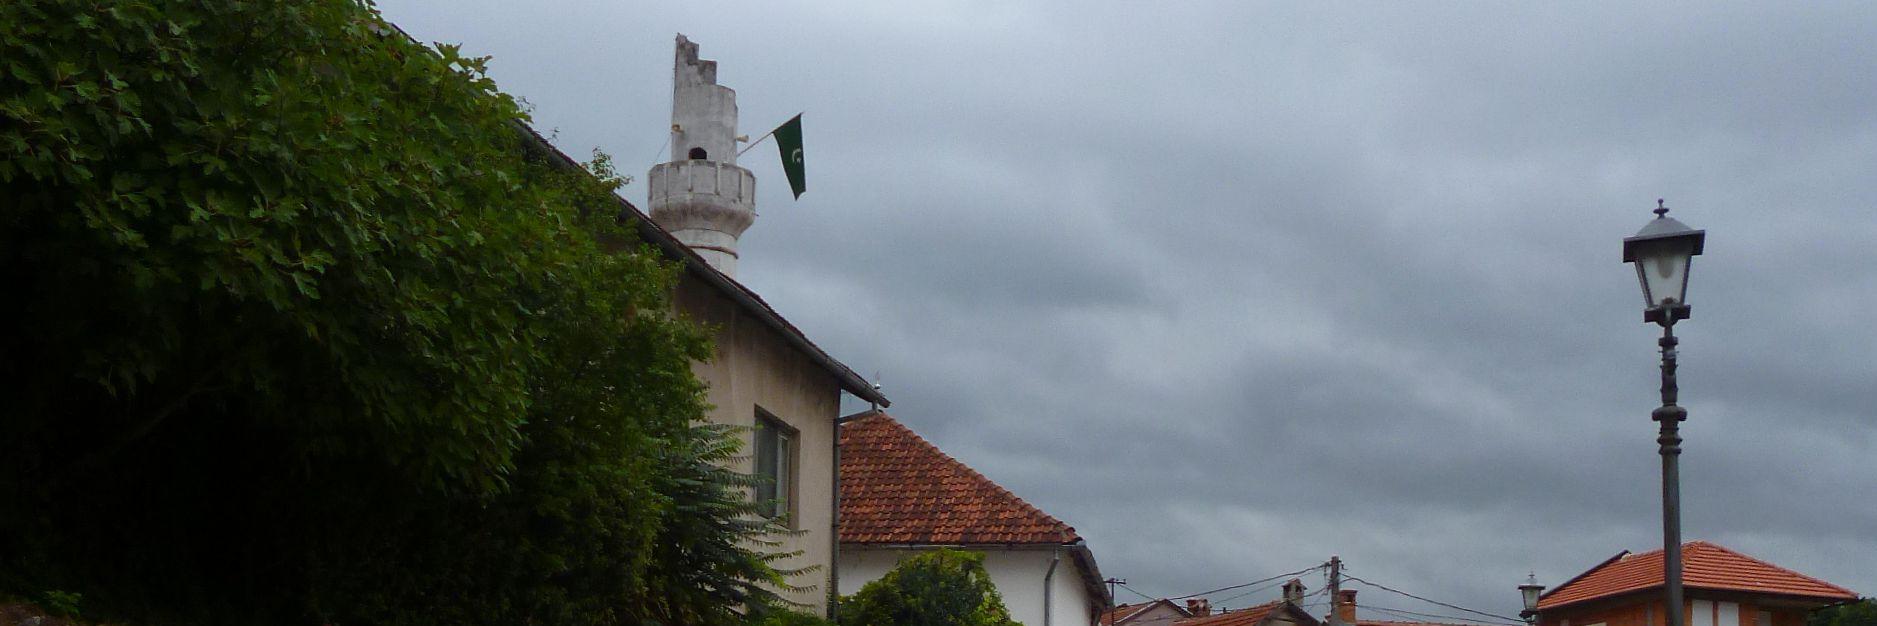 Вардачка мечеть